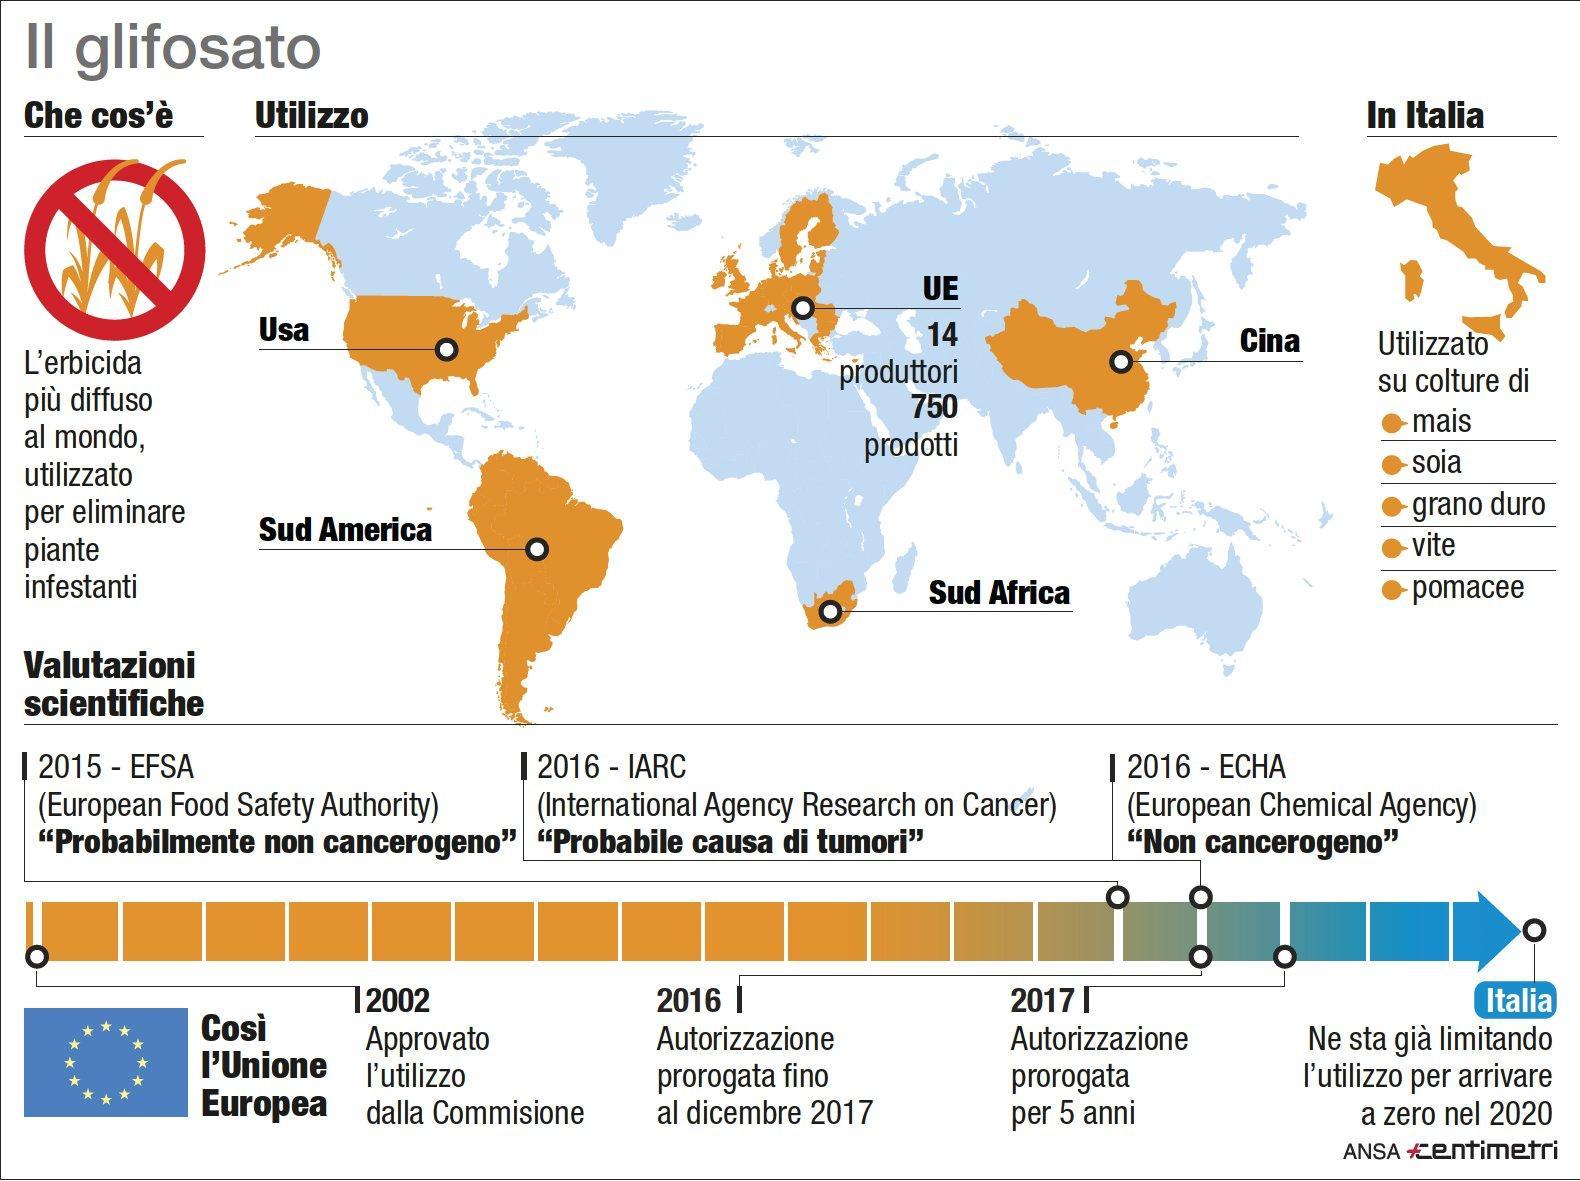 Agenzia Ambiente Usa: il glifosato non è cancerogeno.